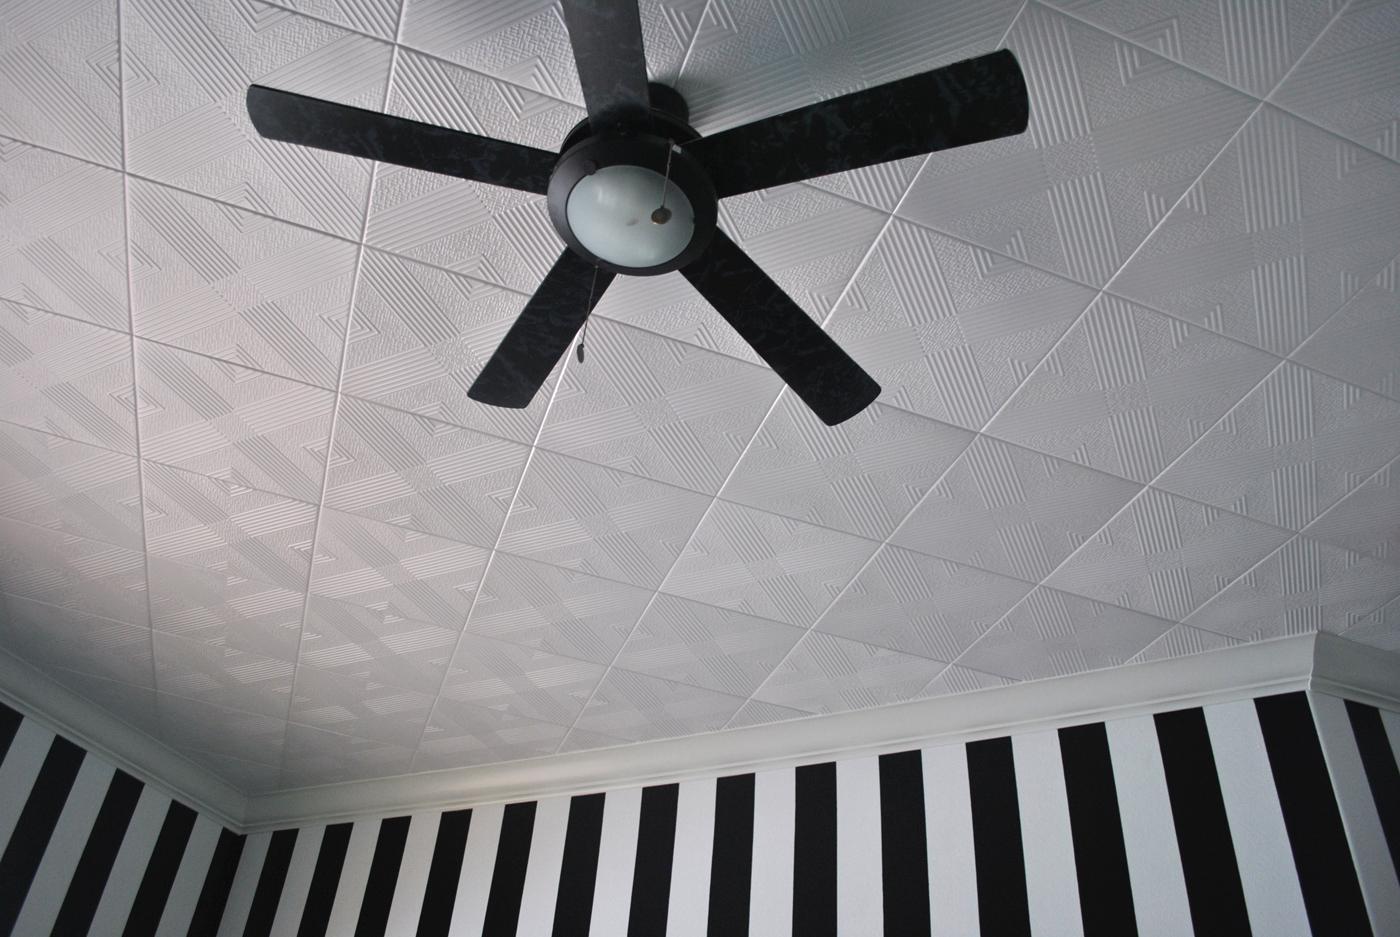 Malta White Foam Ceiling Tiles Installed